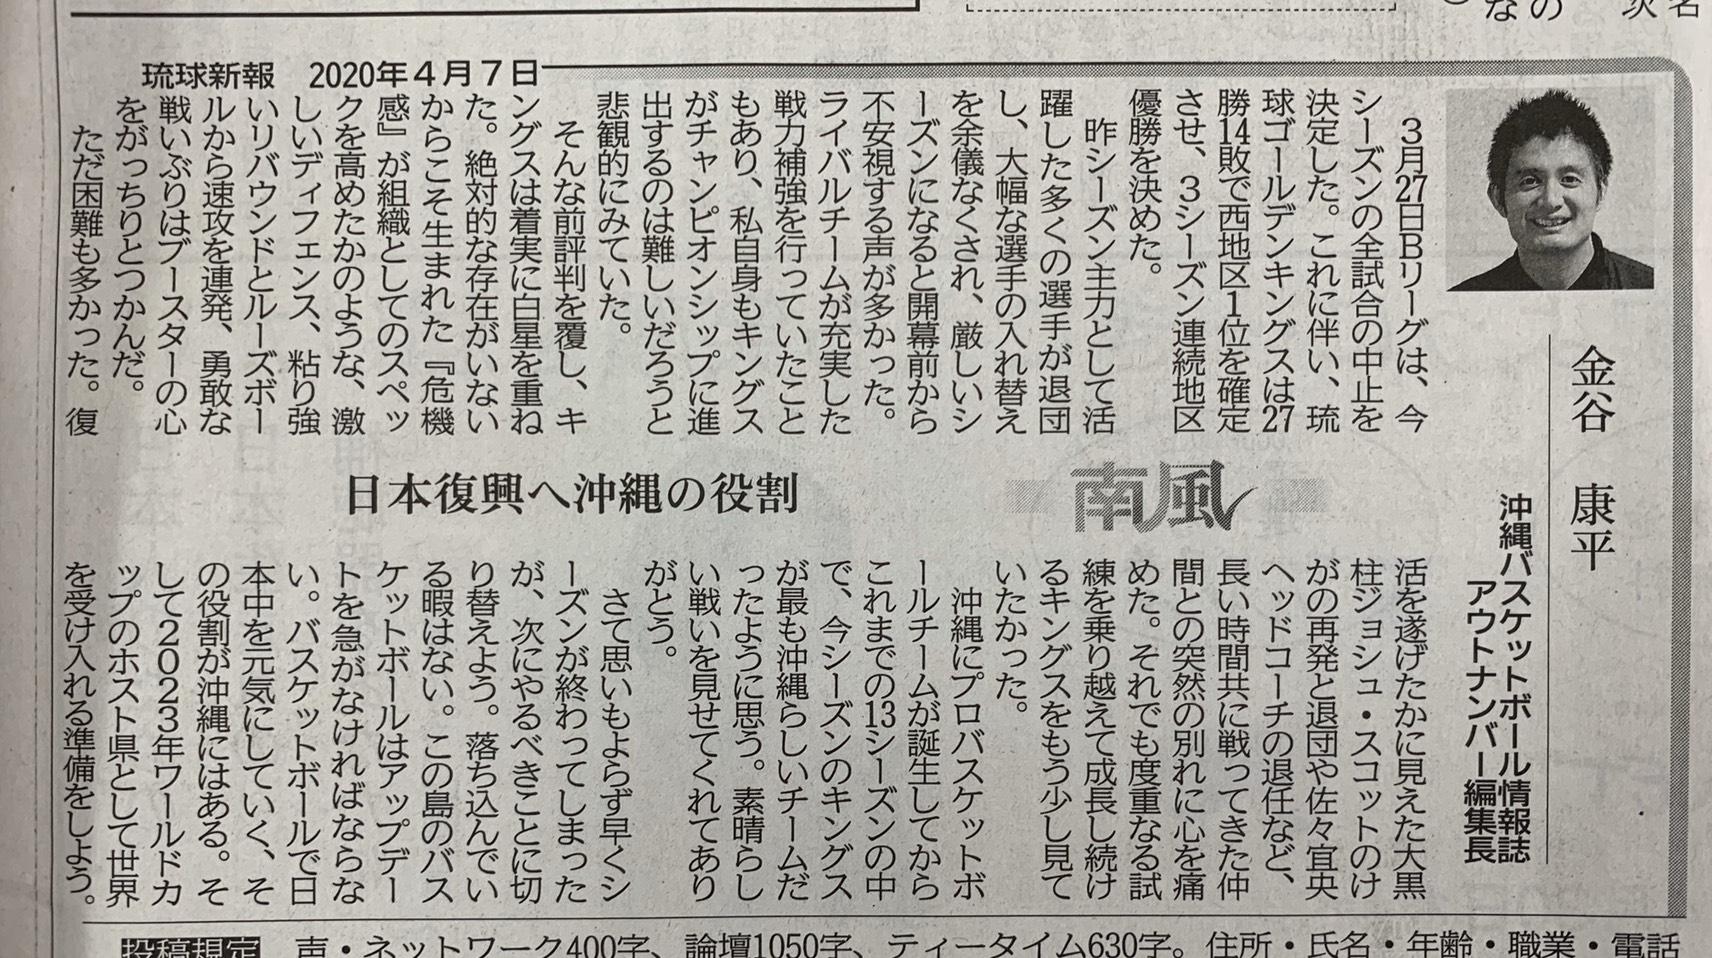 4月7日(火)琉球新報コラム南風